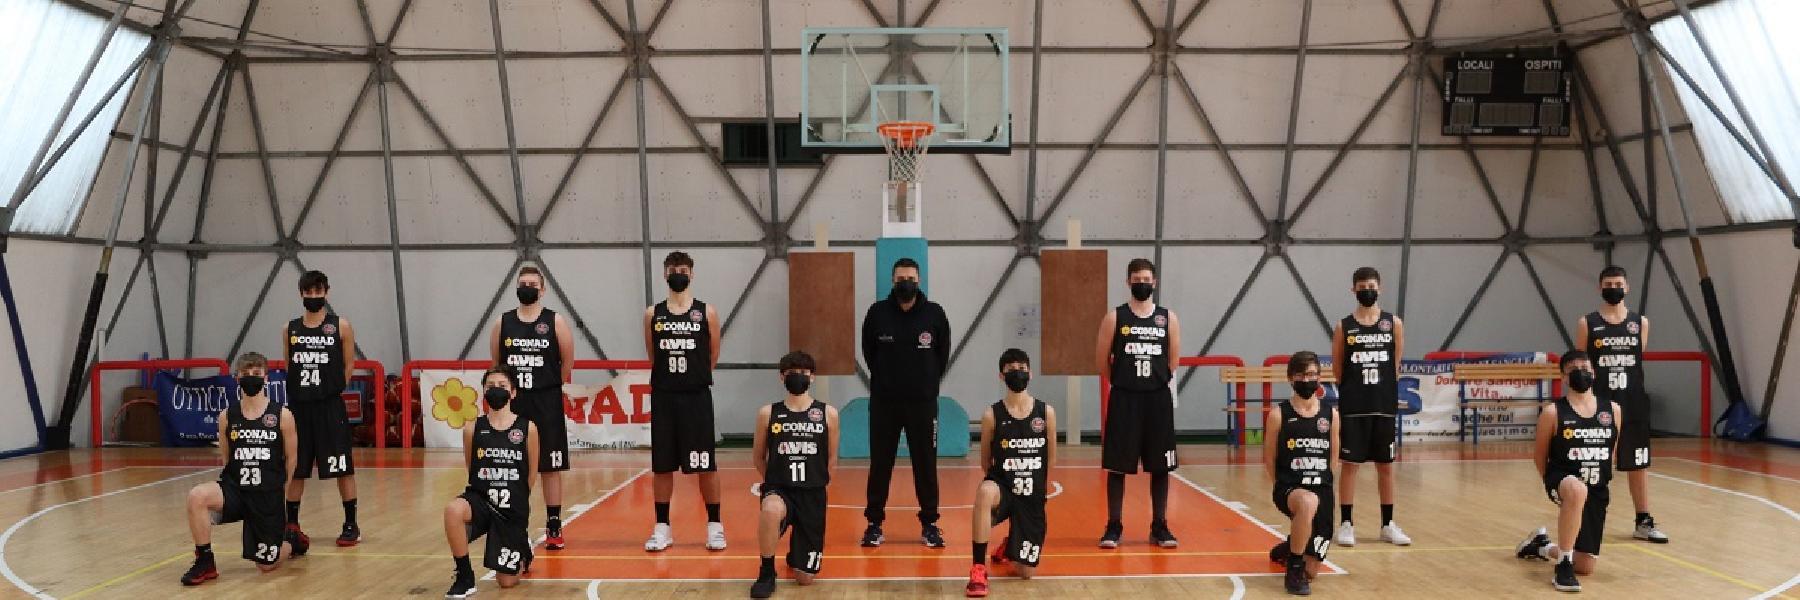 https://www.basketmarche.it/immagini_articoli/15-06-2021/bilancio-settimanale-sulle-squadre-giovanili-robur-family-osimo-600.jpg